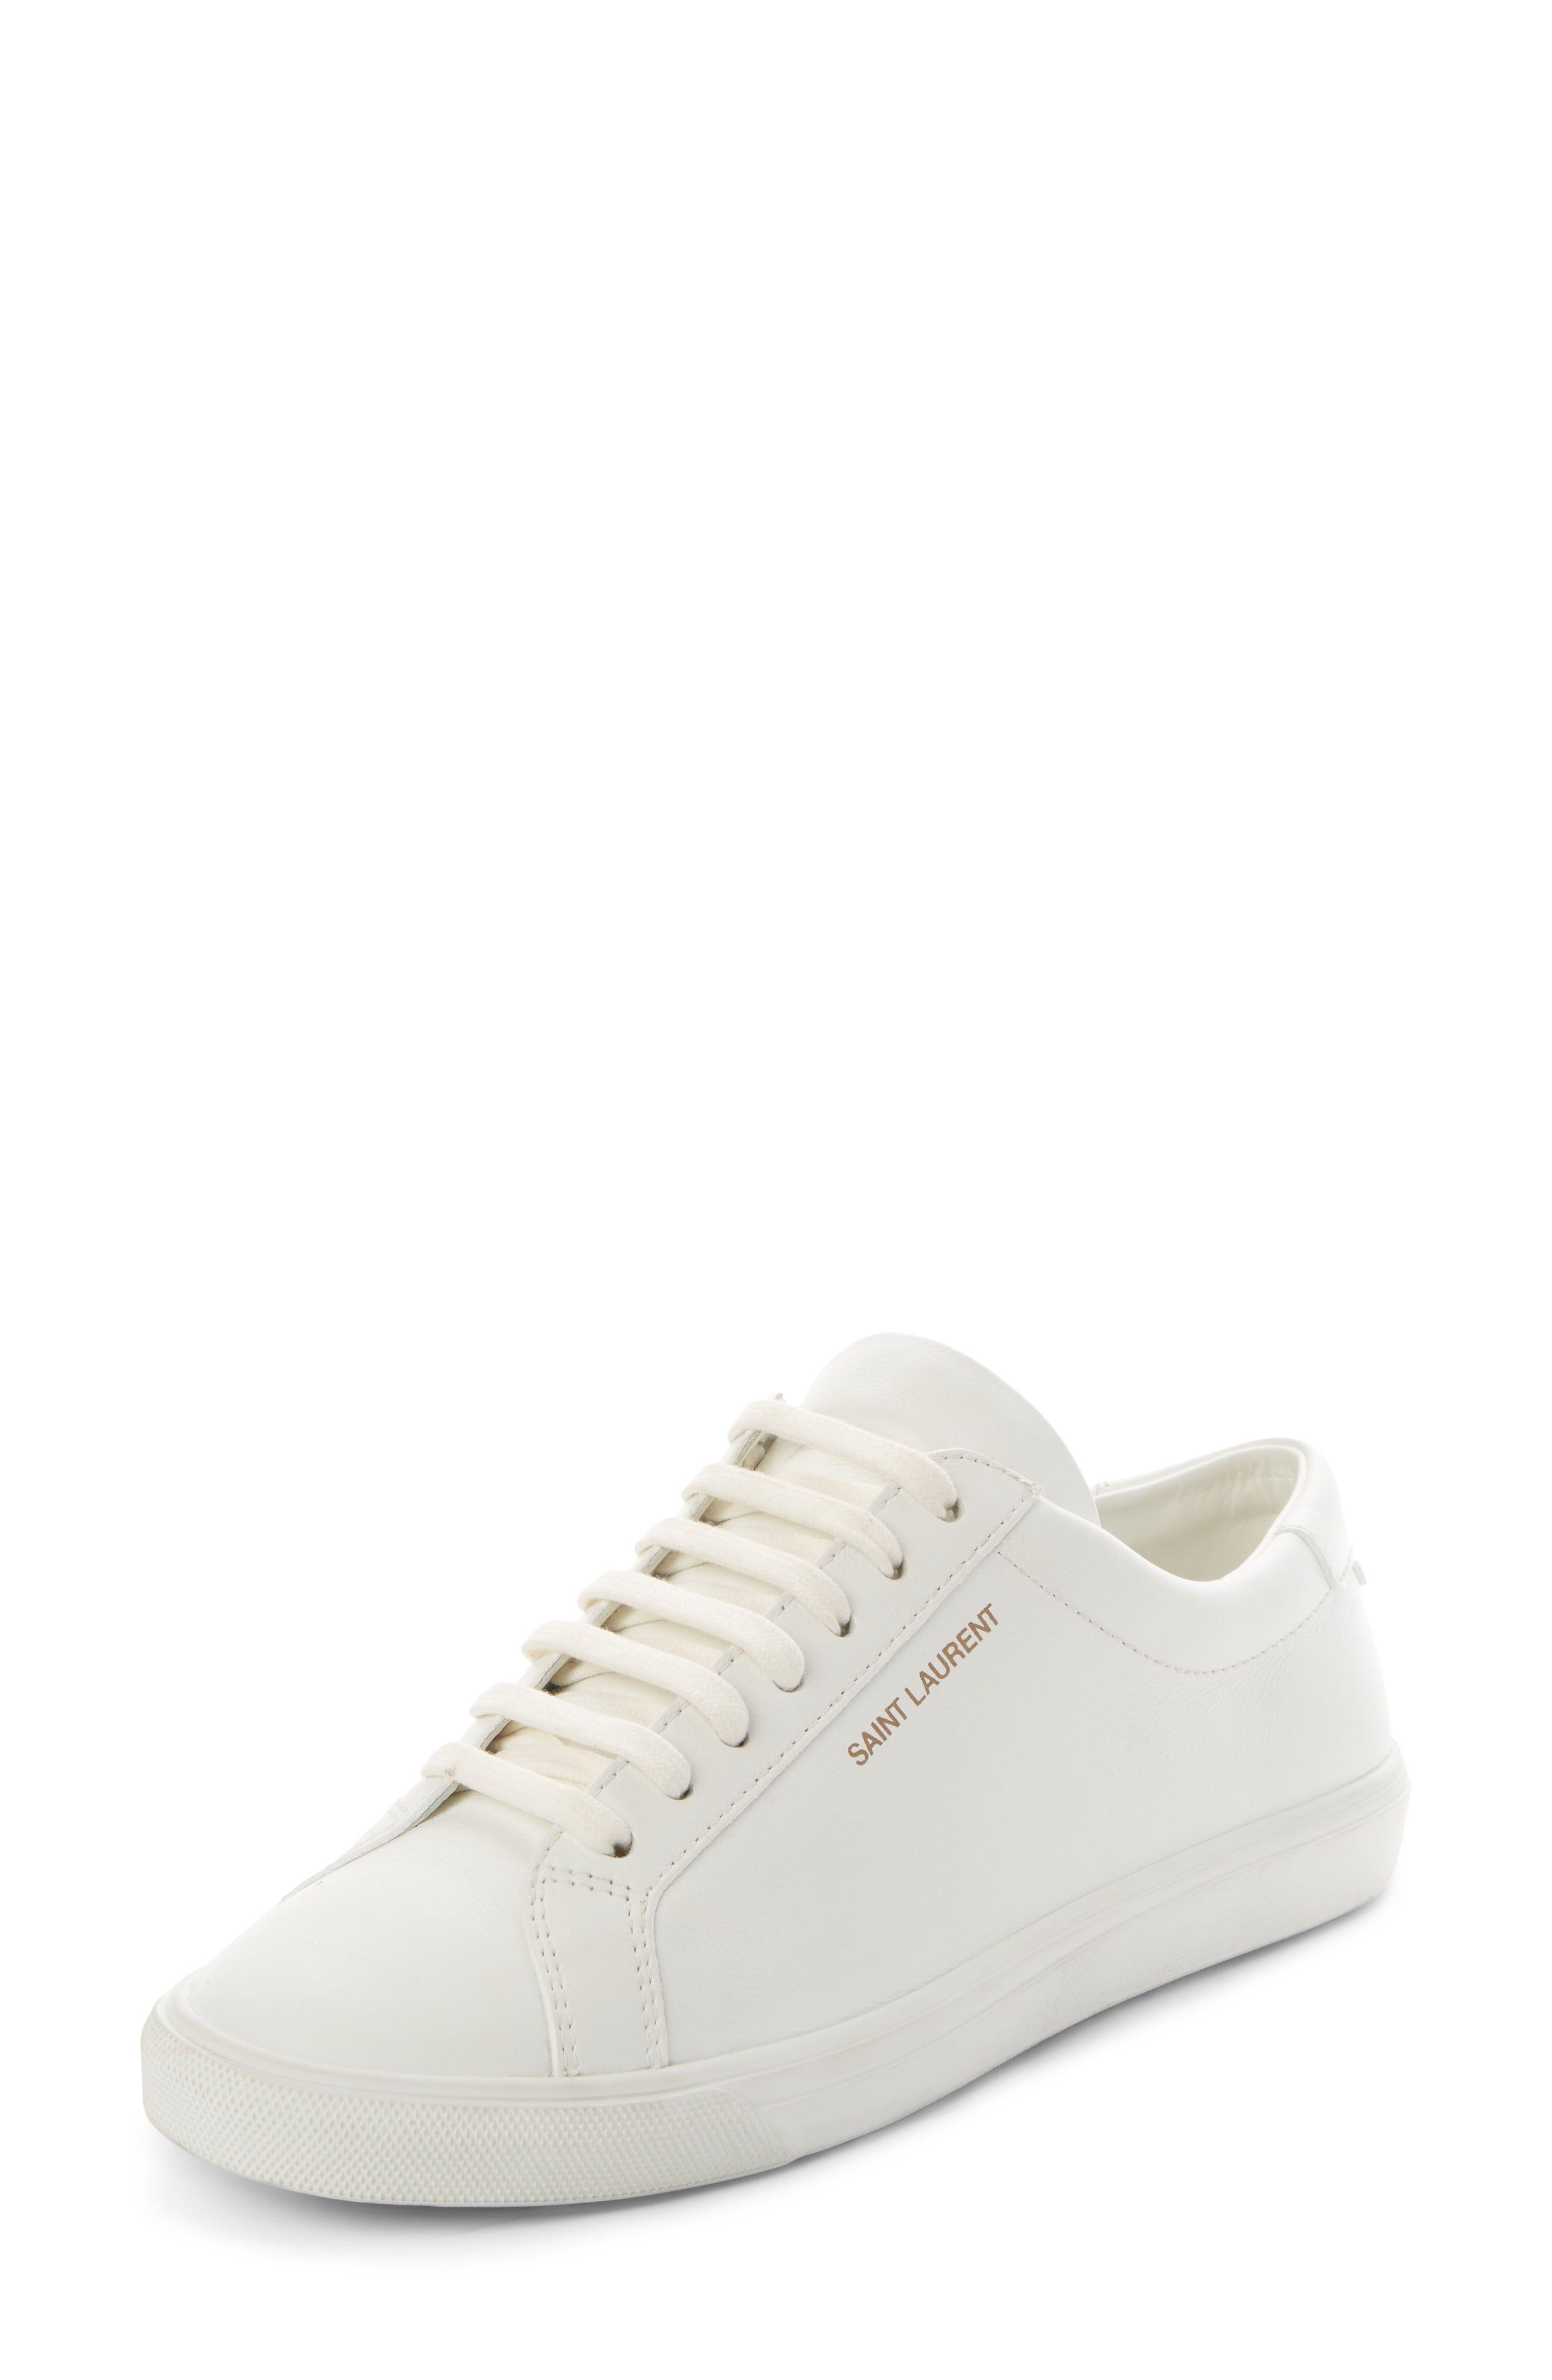 Women's Saint Laurent Andy Low Top Sneaker, Size 8US 38EU